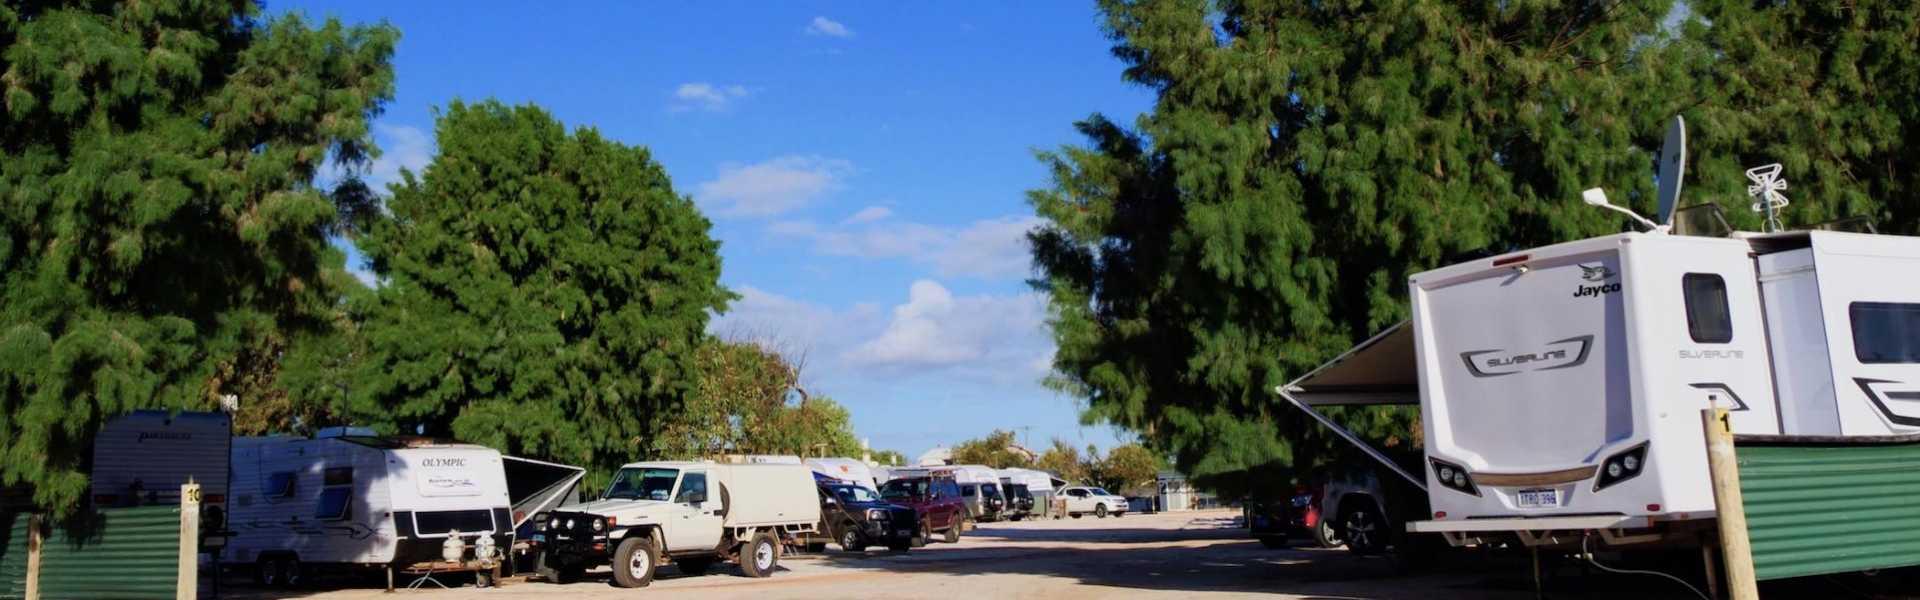 Kui Parks, Shark Bay Caravan Park, Denham, Sites